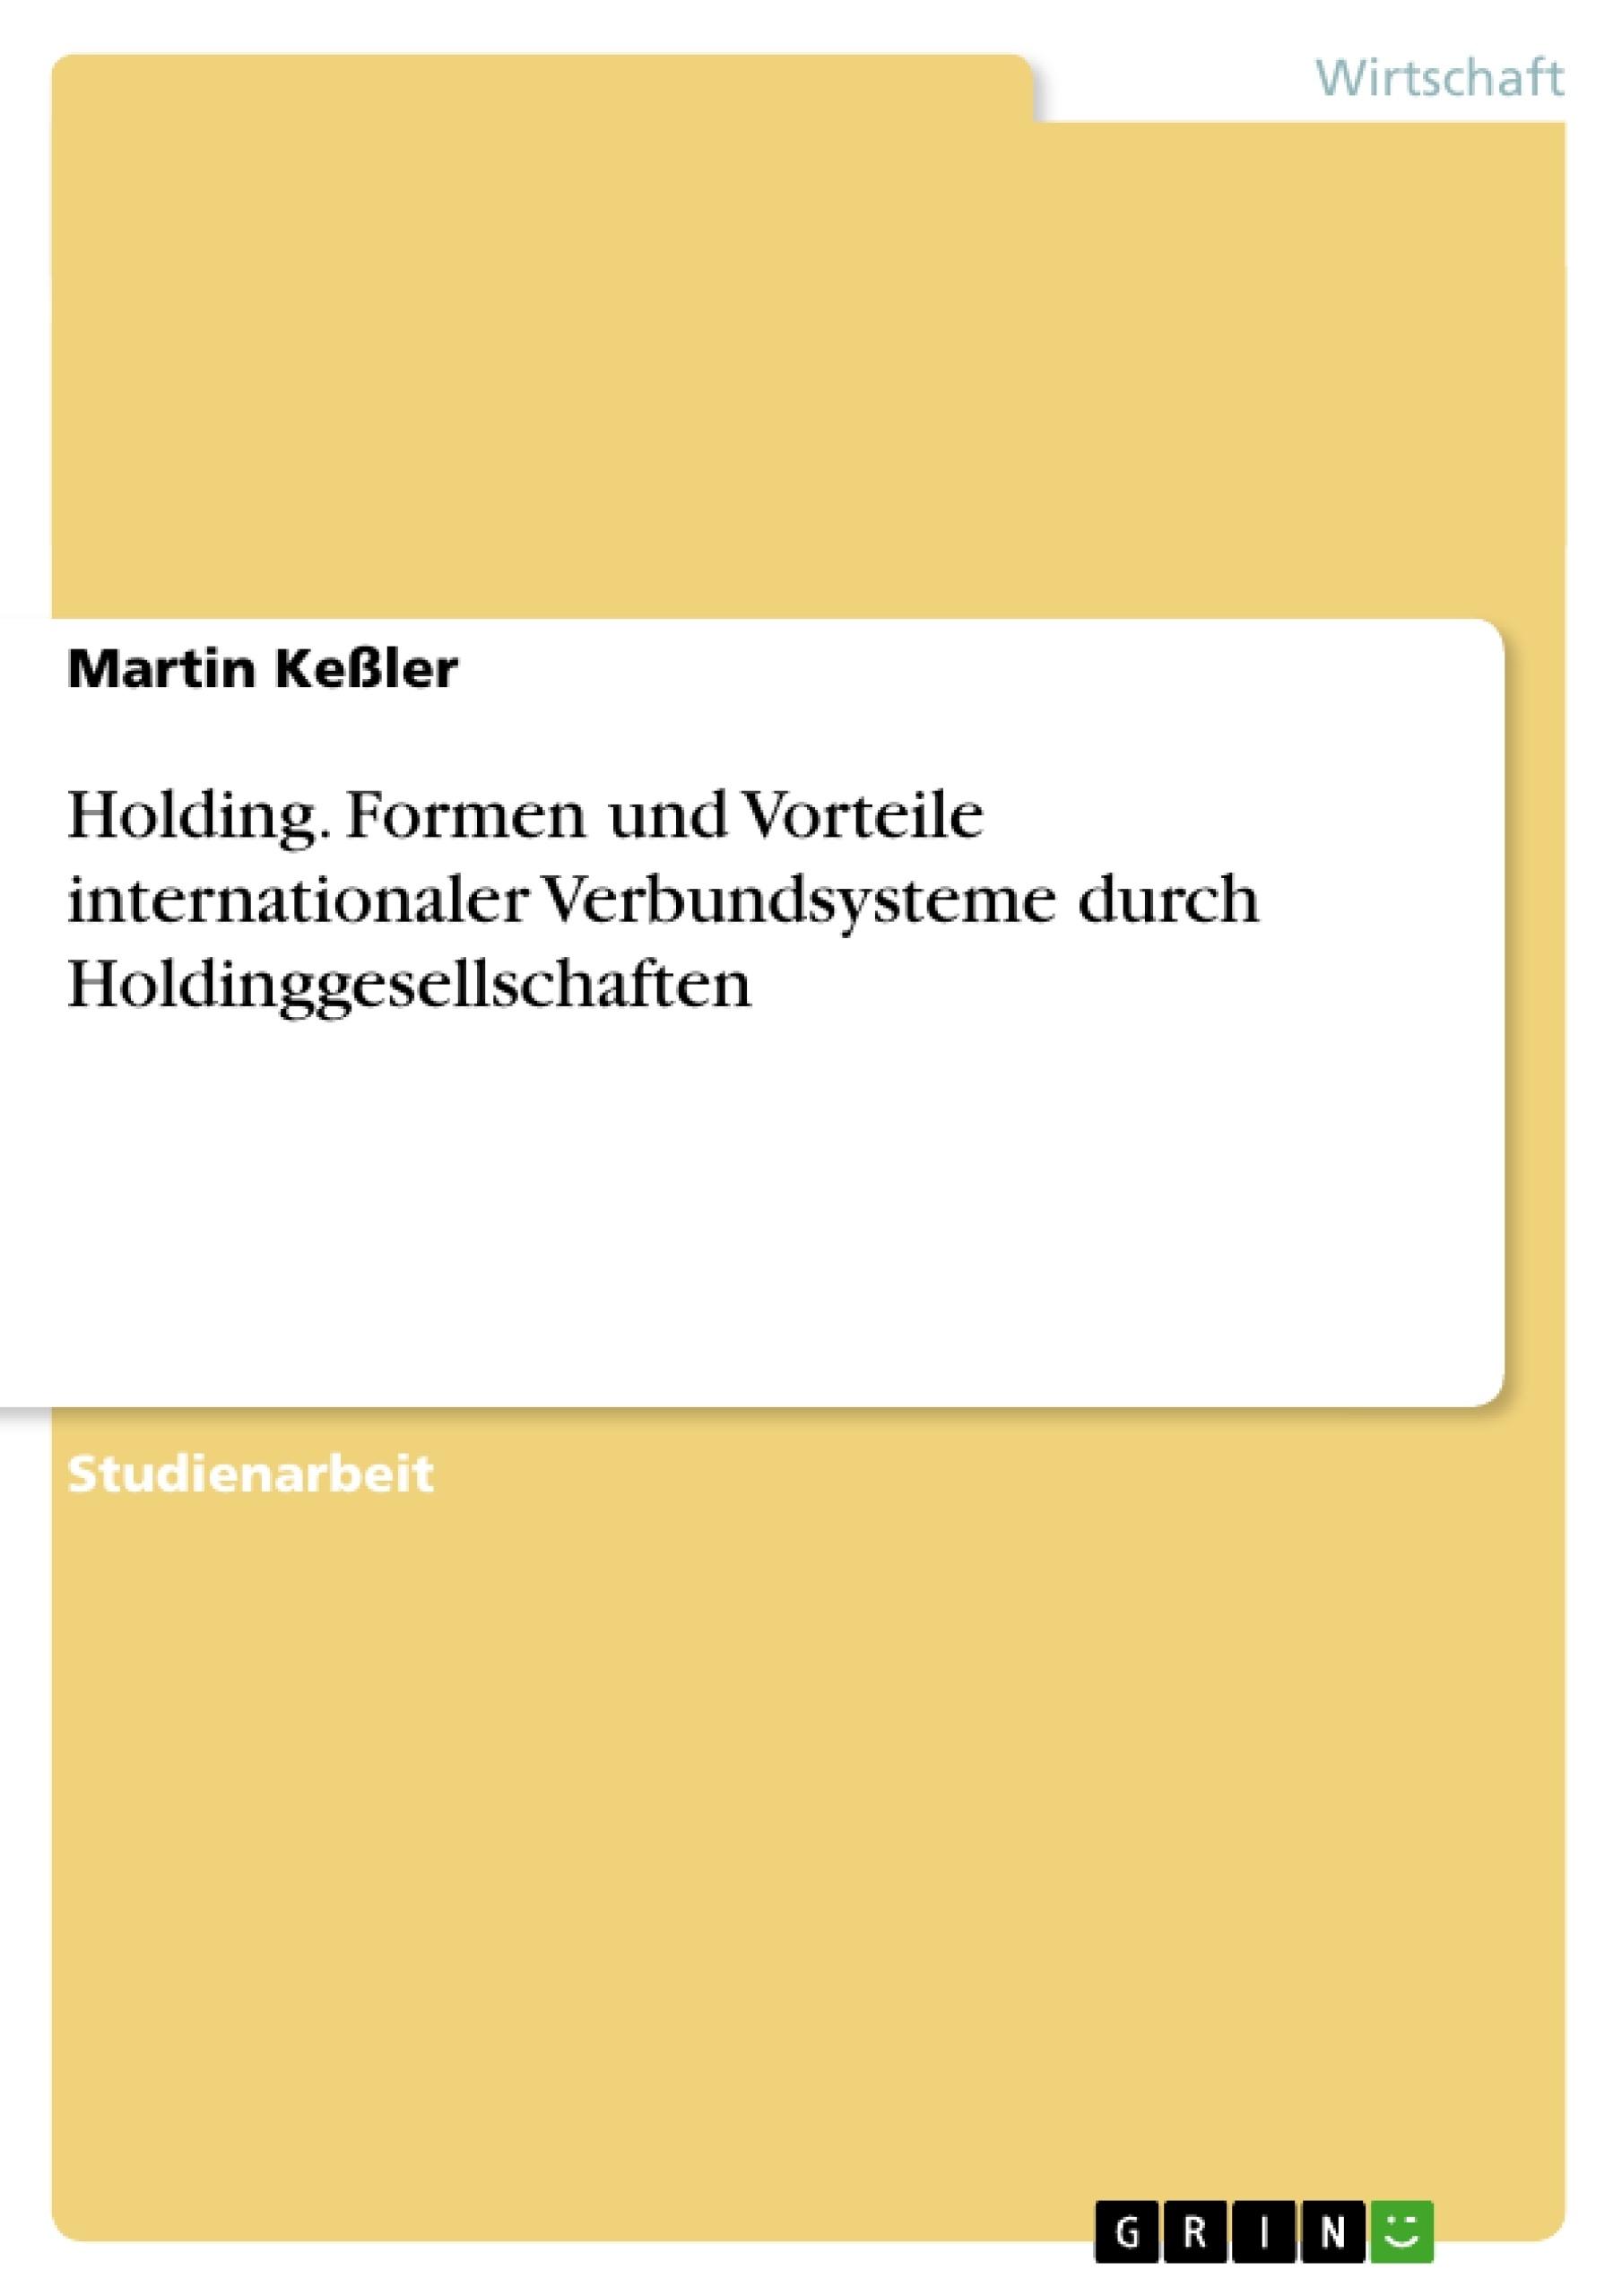 Titel: Holding. Formen und Vorteile internationaler Verbundsysteme durch Holdinggesellschaften